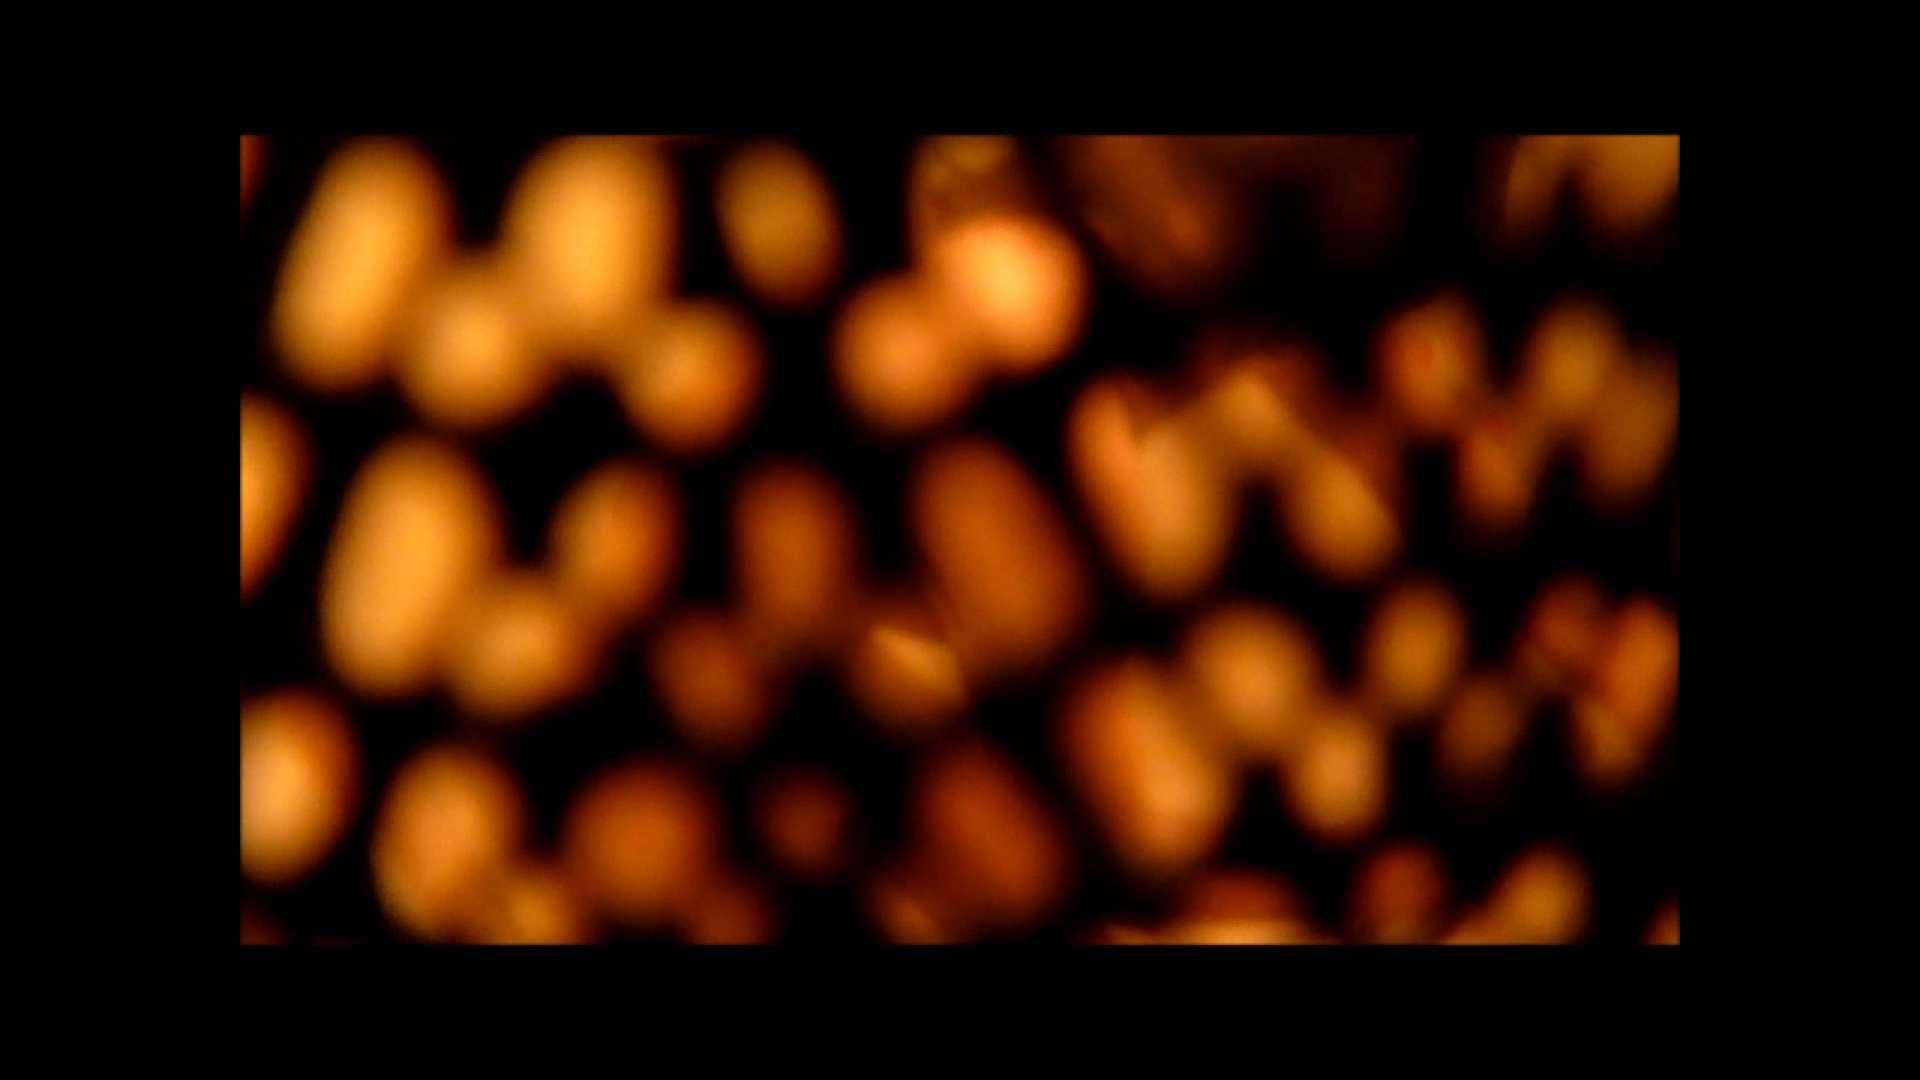 【02】ベランダに侵入して張り込みを始めて・・・やっと結果が出ました。 家宅侵入 | 0  82画像 33